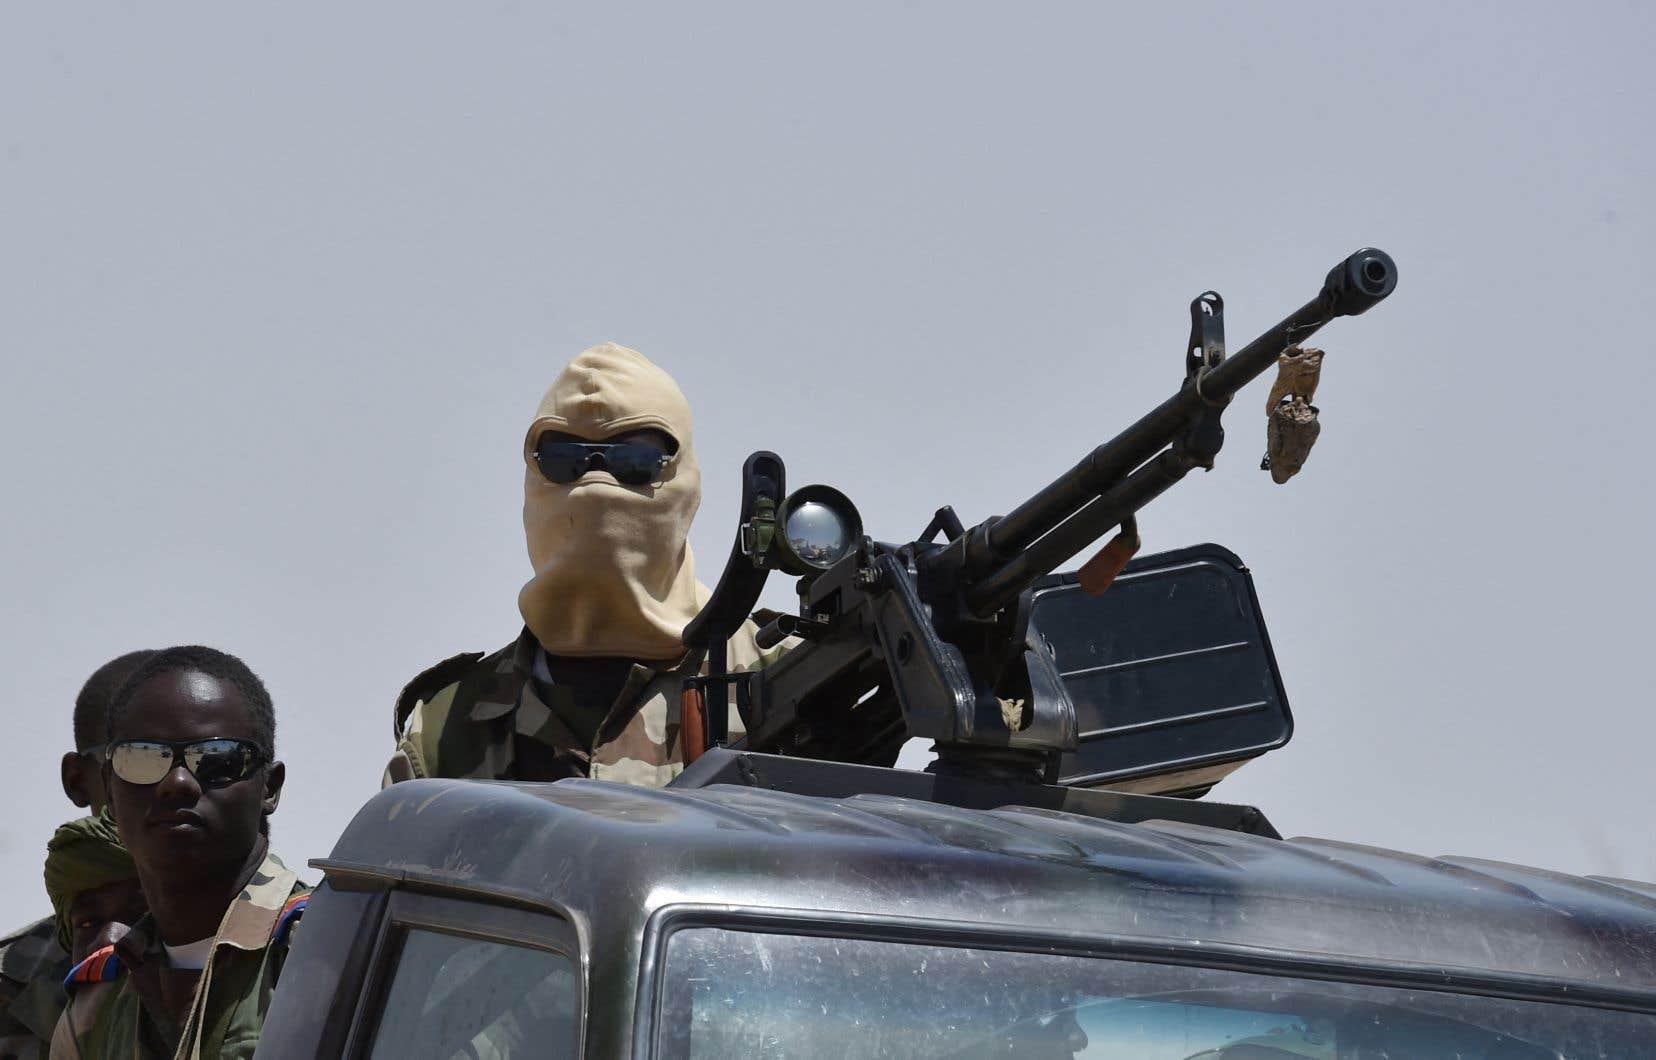 Située dans la zone dite des «trois frontières» entre Niger, Burkina Faso et Mali, la région de Tillabéri est depuis des années le théâtre d'actions sanglantes de groupes djihadistes liés à Al-Qaïda et à l'État islamique (EI).